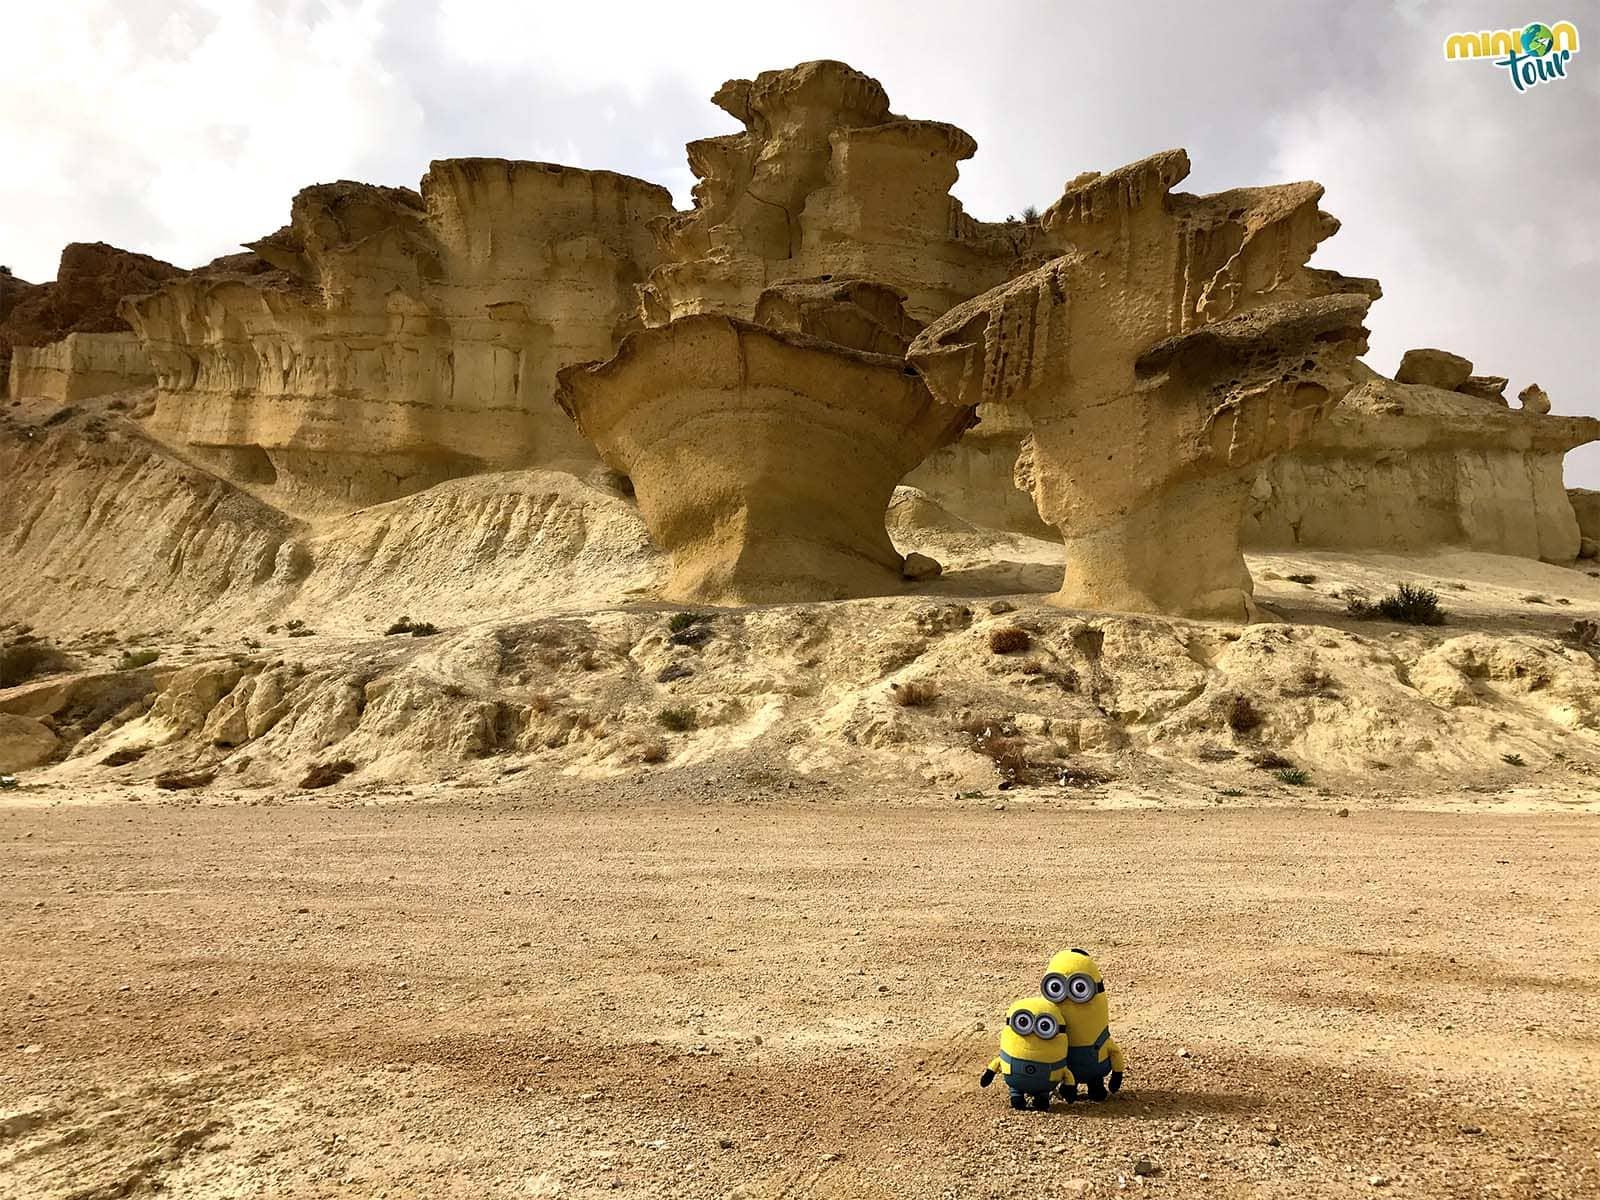 Las erosiones de Bolnuevo, la Ciudad Encantada murciana